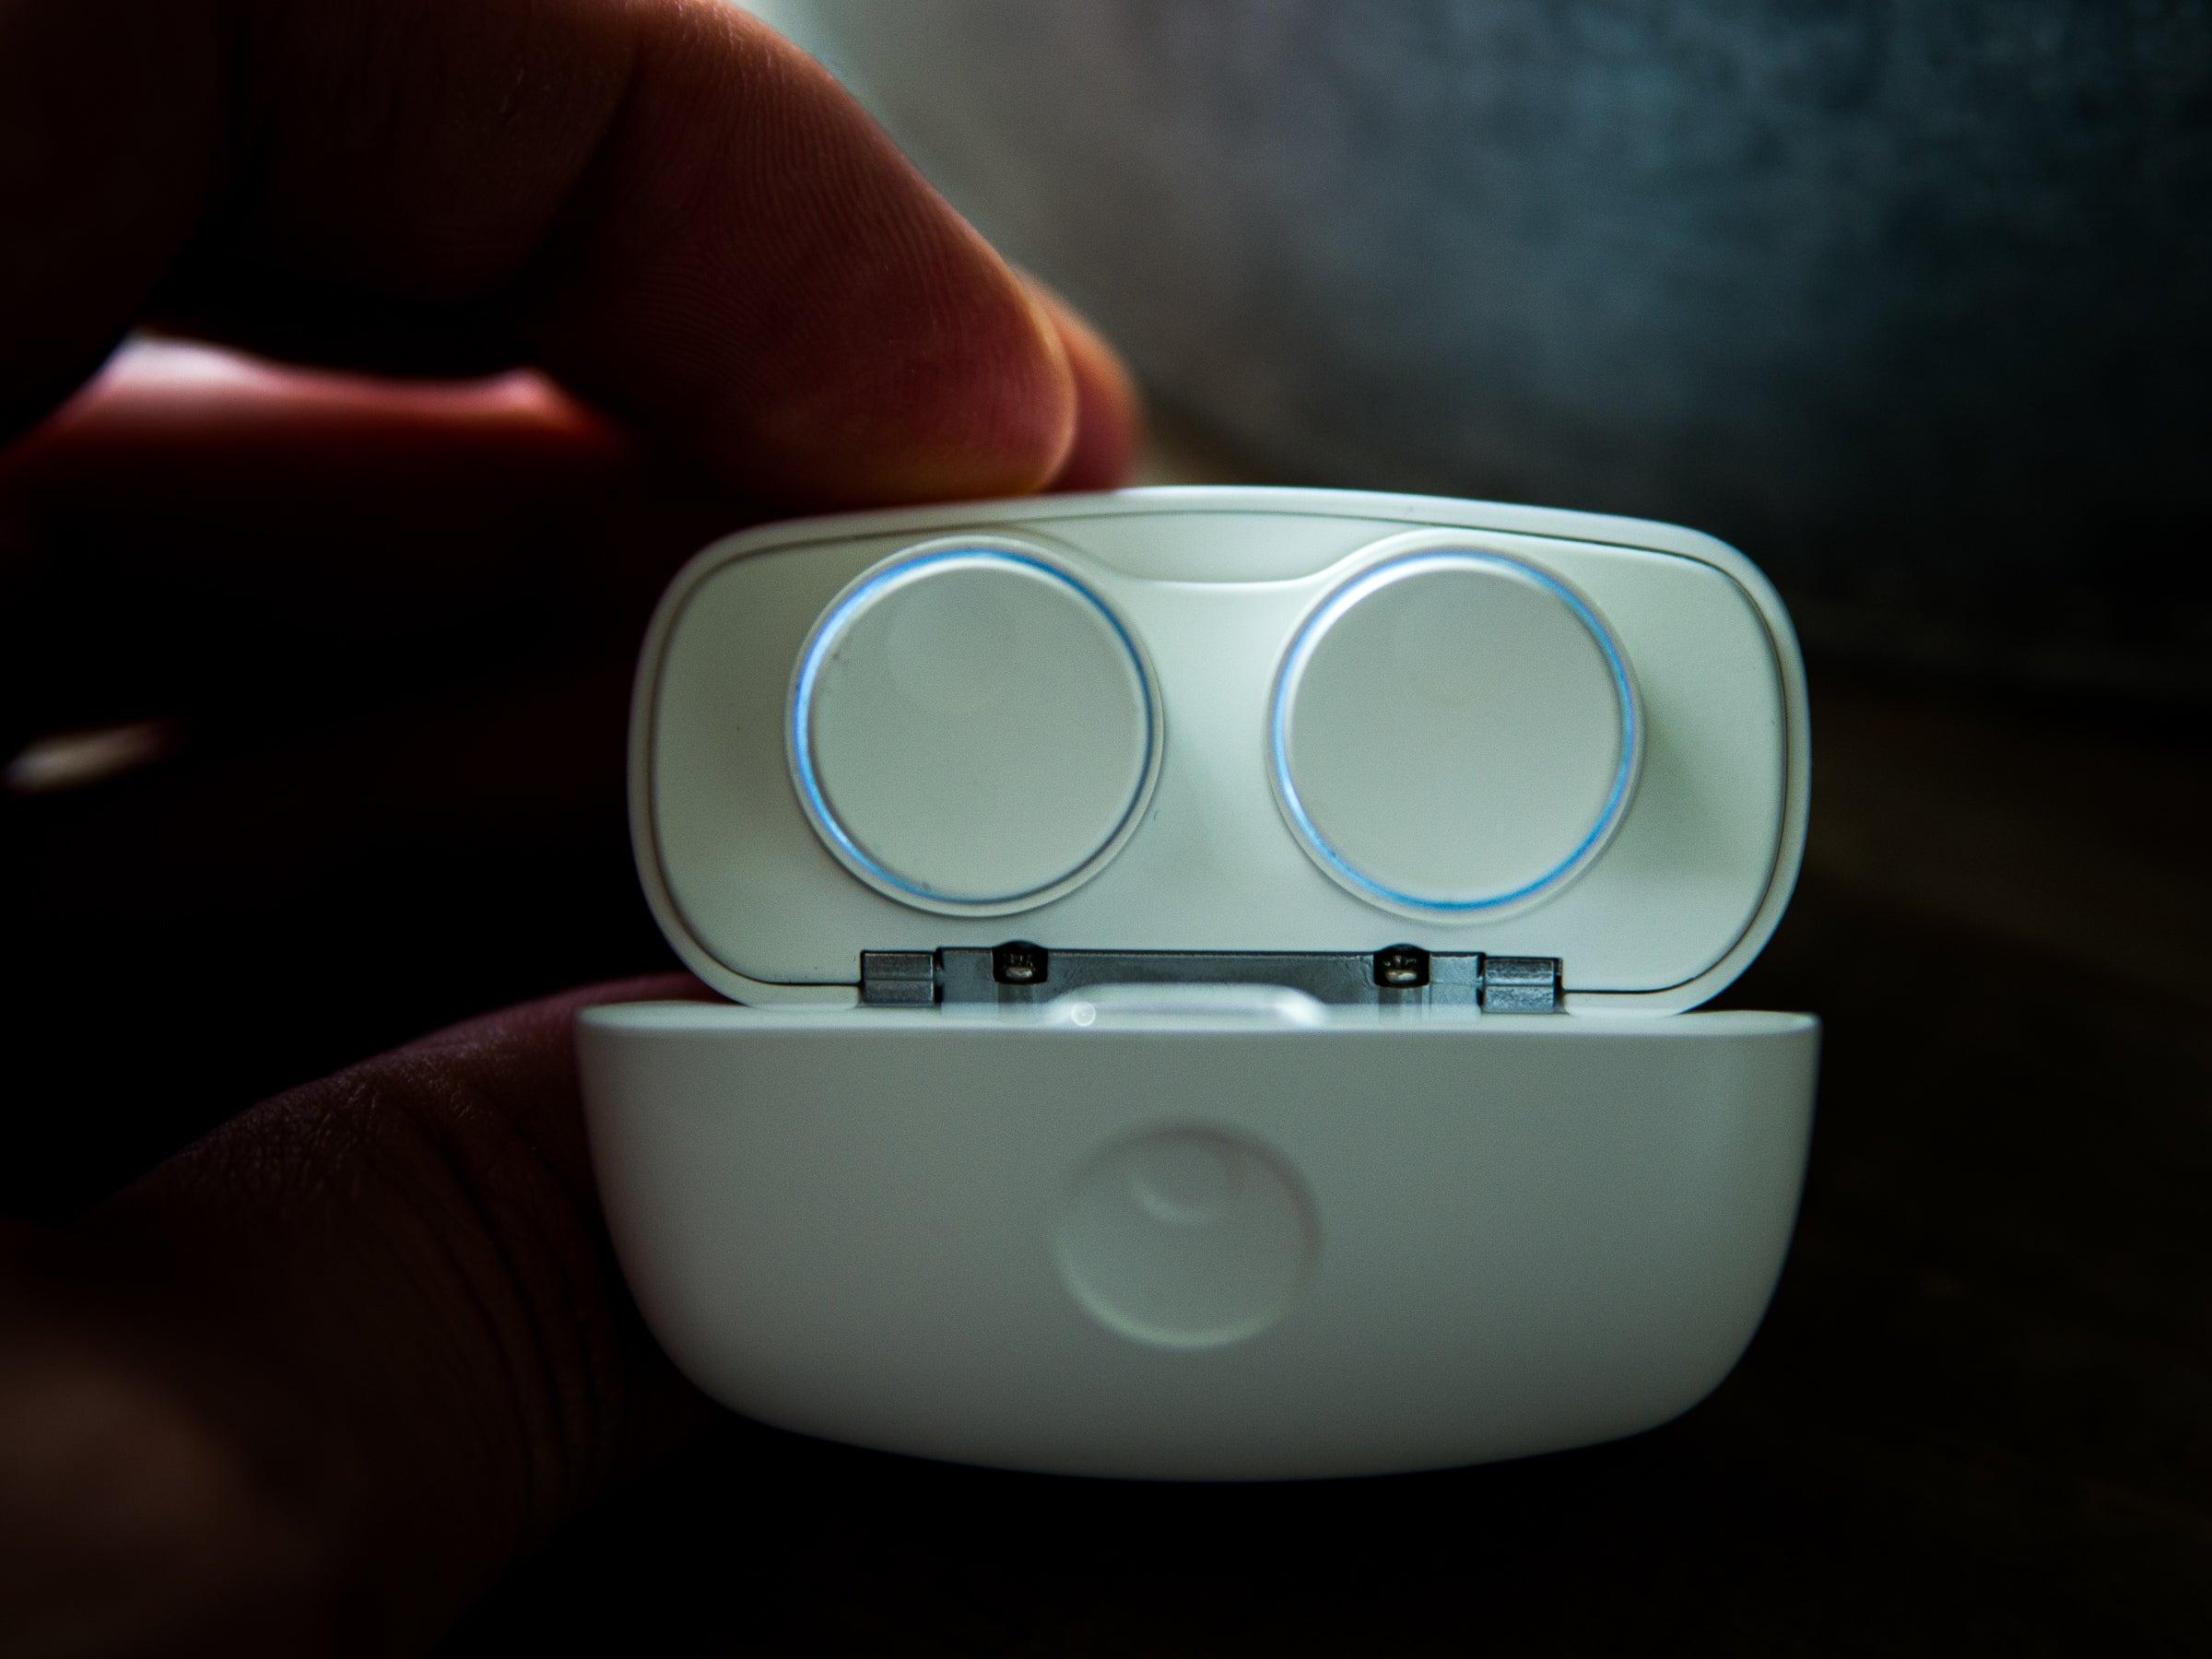 Die feine LED-Beleuchtung der Melomania 1+ zeigt an, ob sie mit dem Handy verbunden sind.